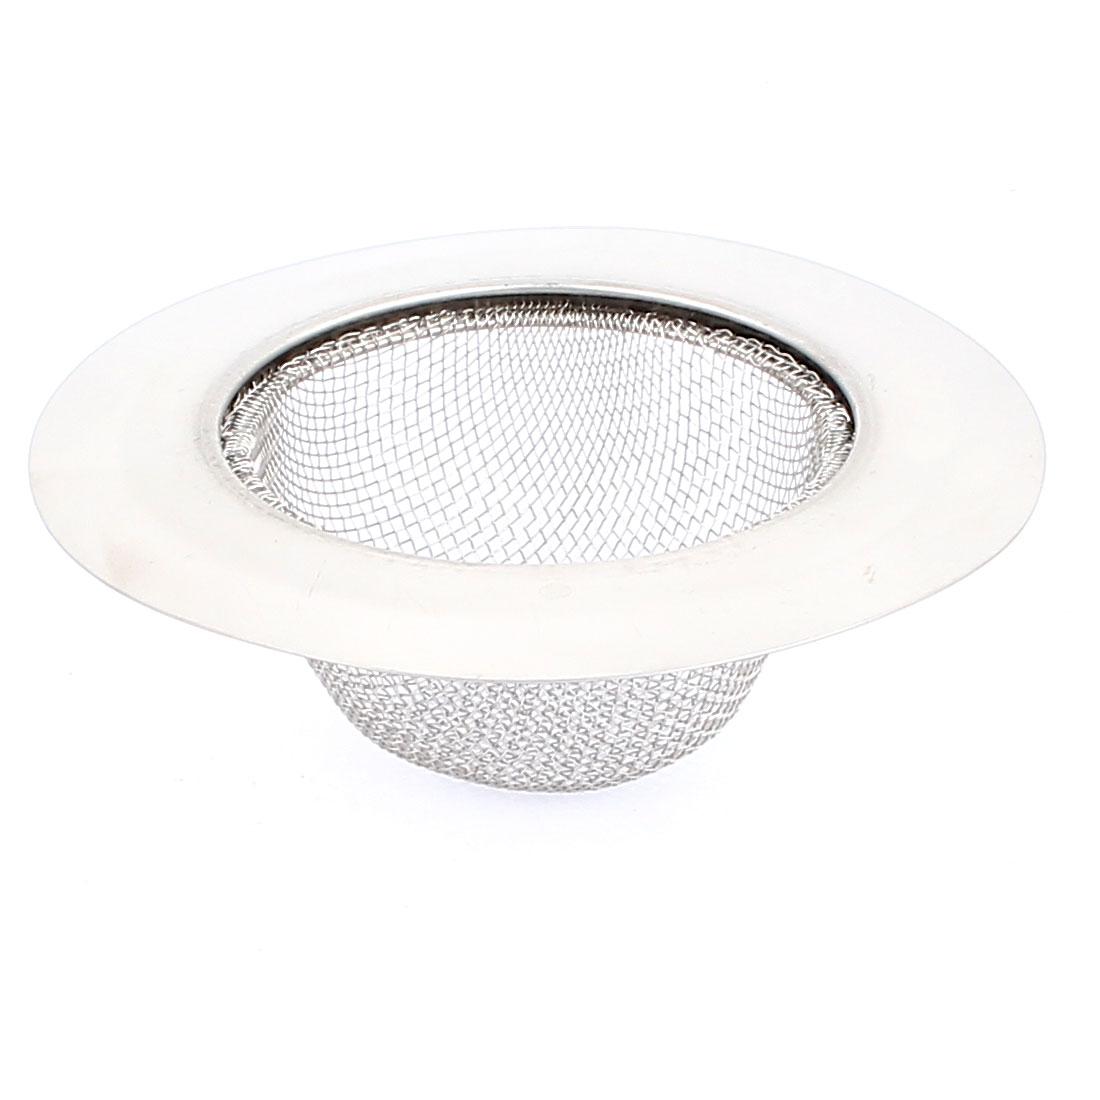 Stainless Steel Kitchen Bathtub Basin Waste Strainer Filter Drain Hair Blocker 4.5 Inch Dia